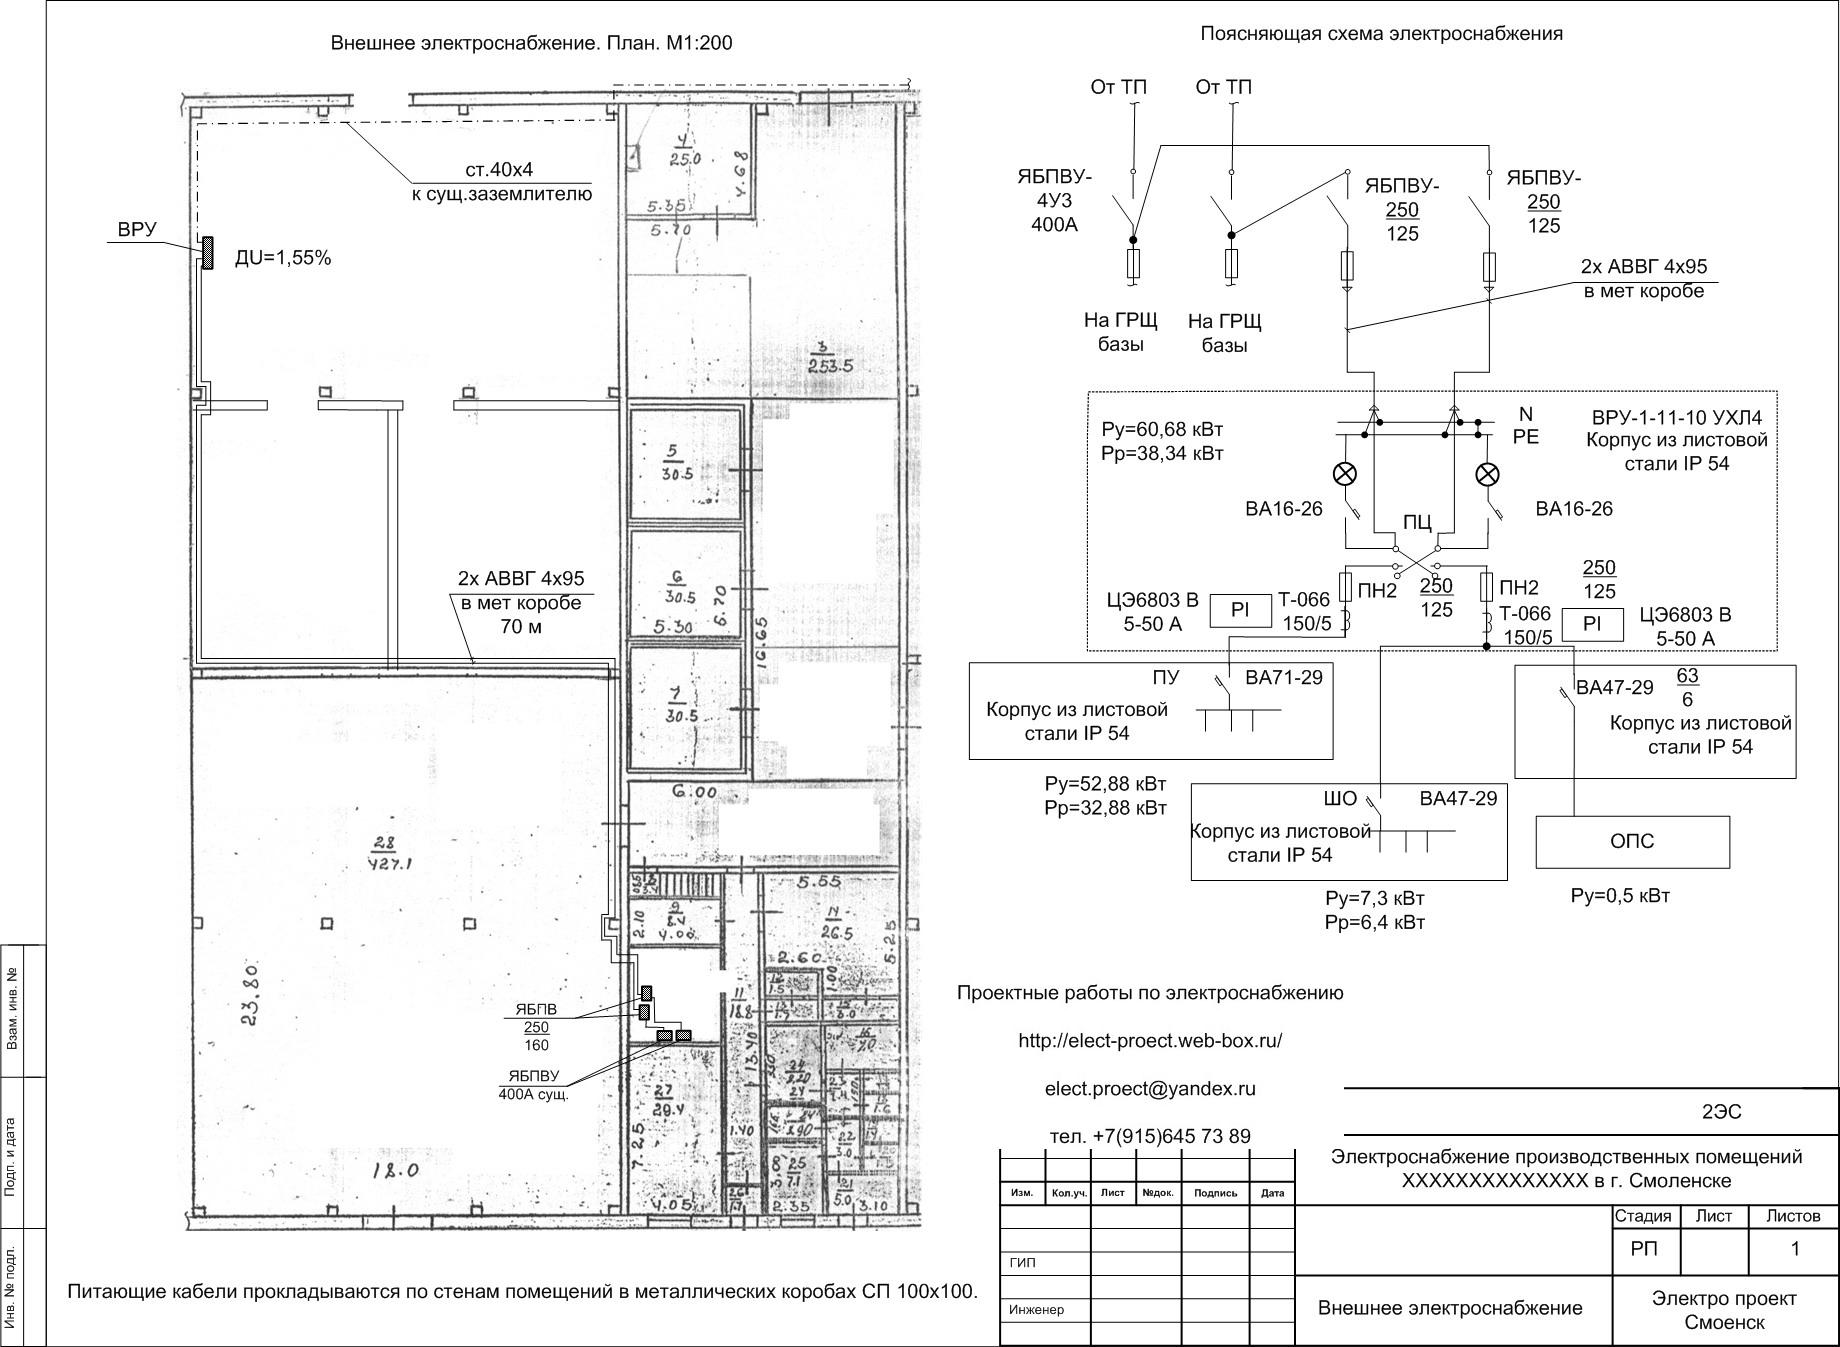 Пример разработанной схемы электроснабжения дома